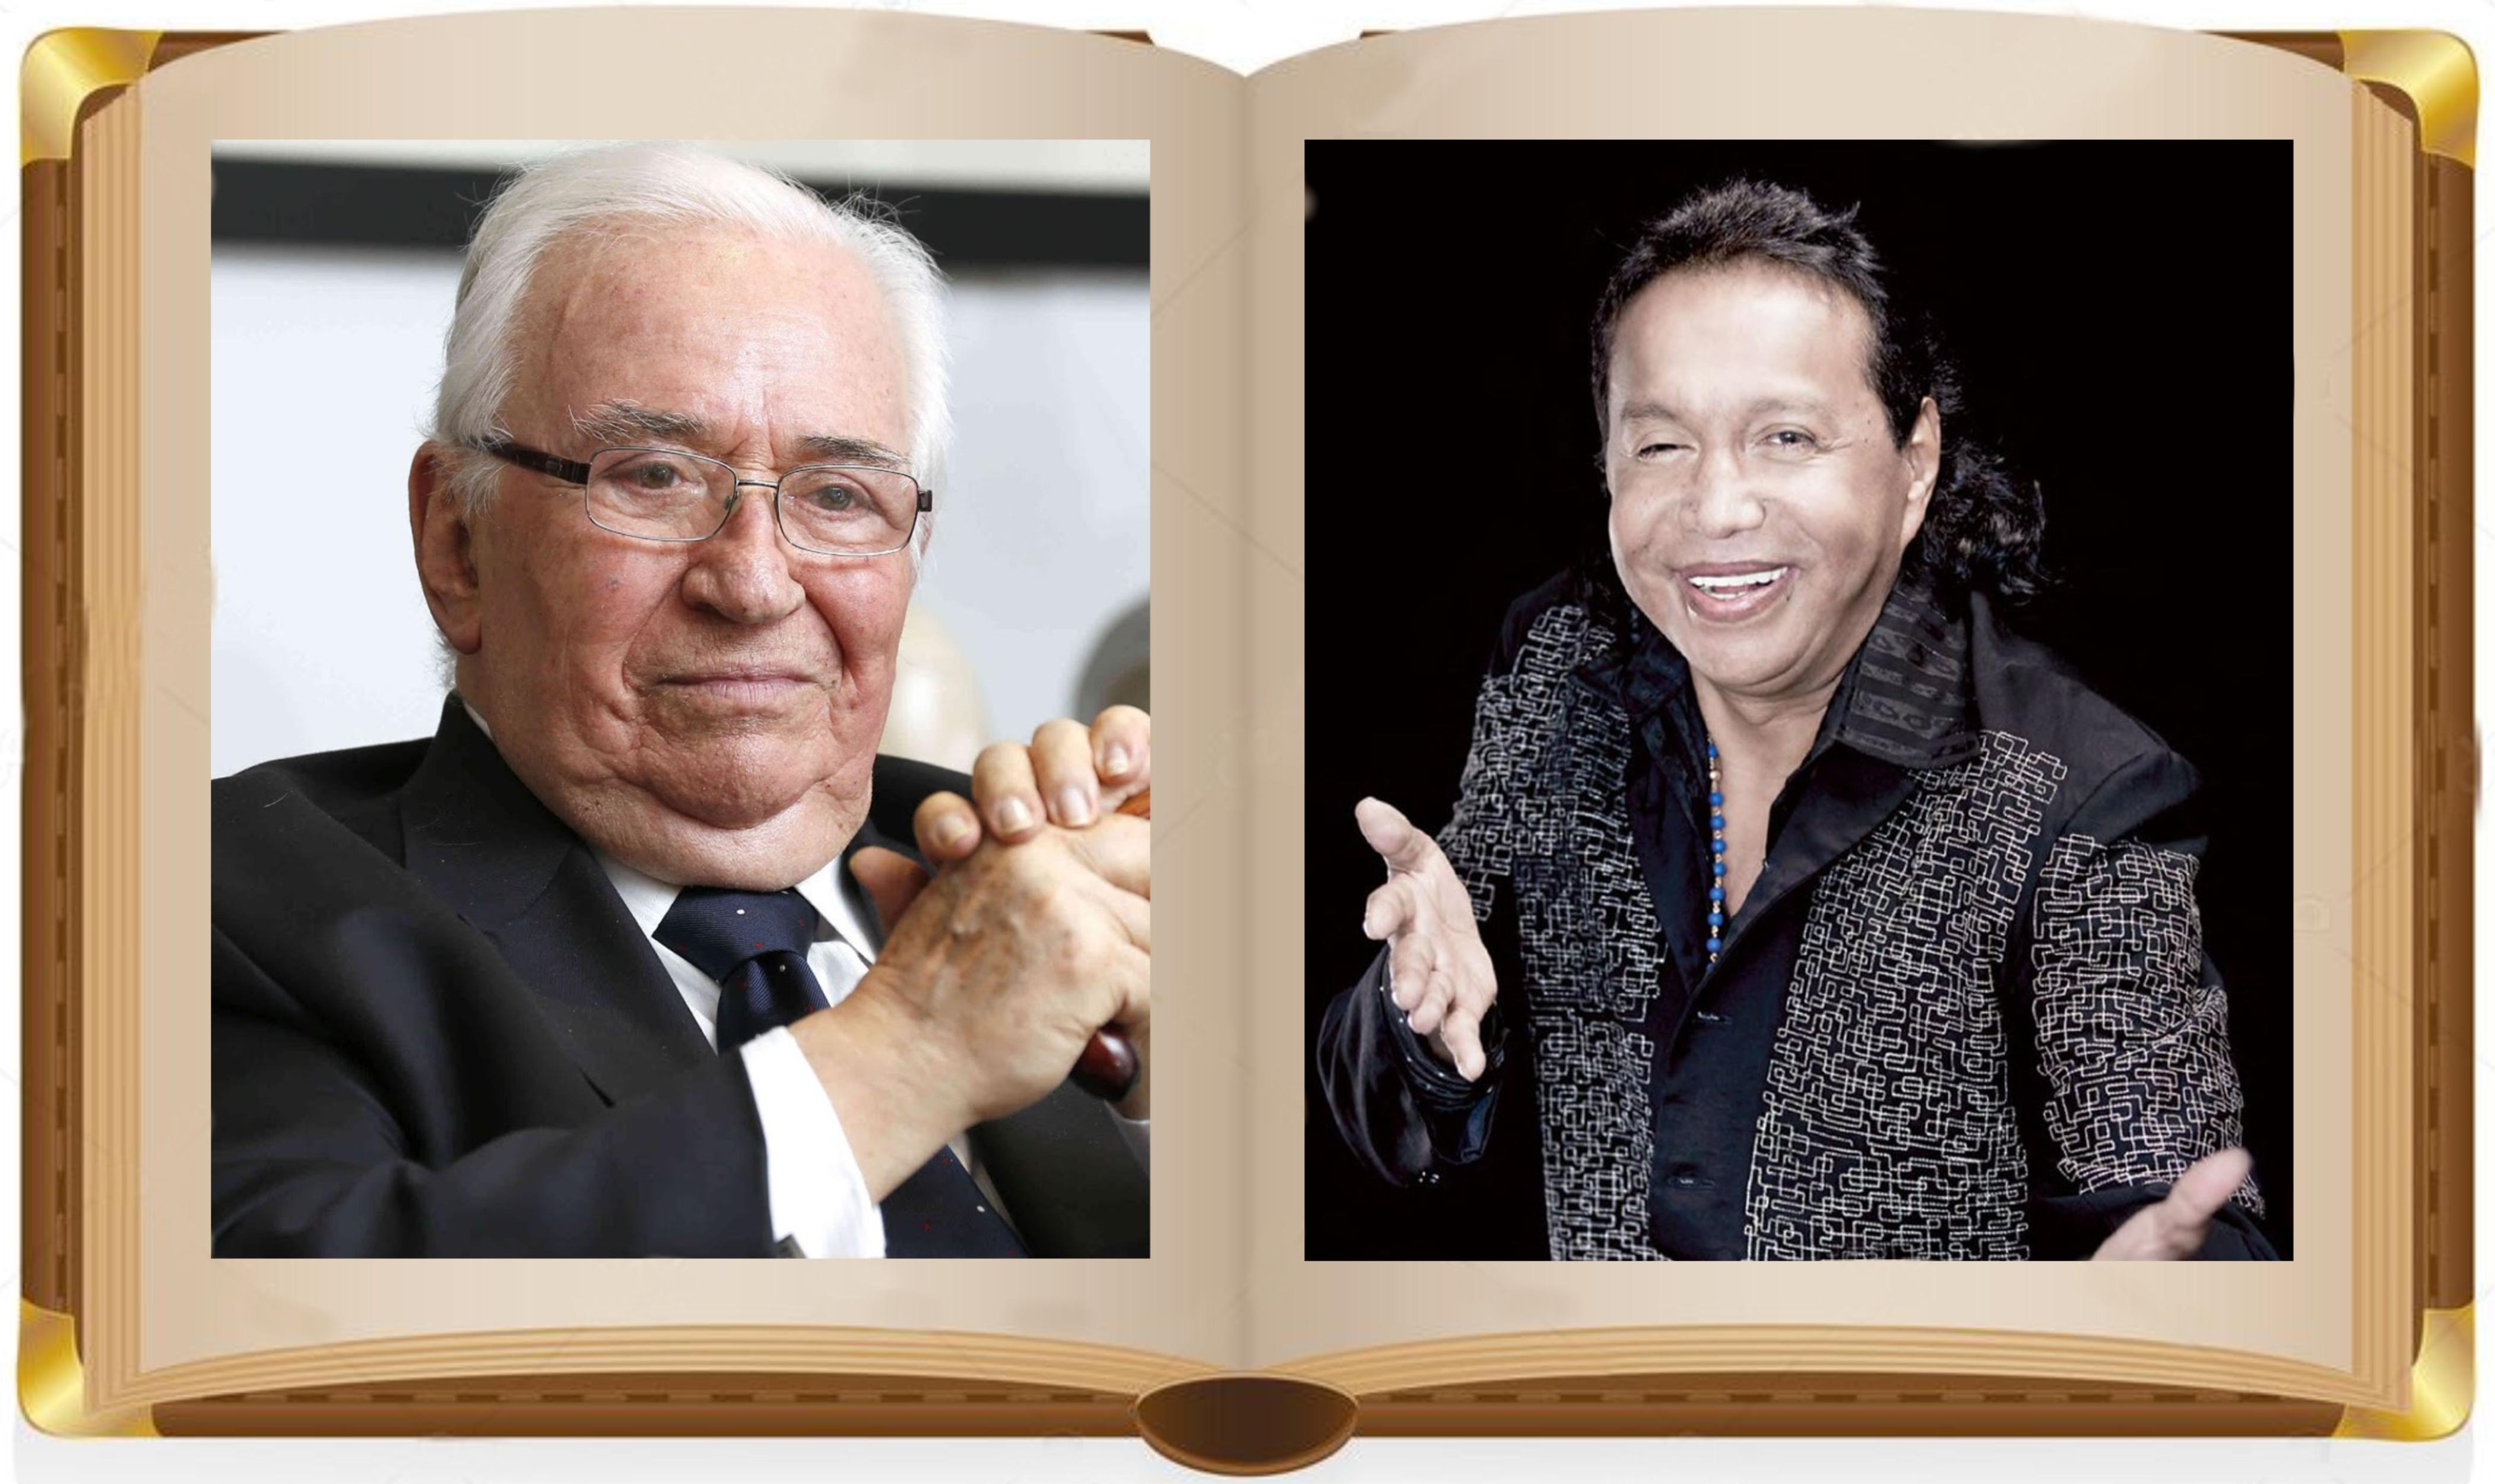 El Expresidente Belisario Betancur puso a 'caminar' a los analfabetas a ritmo de vallenato